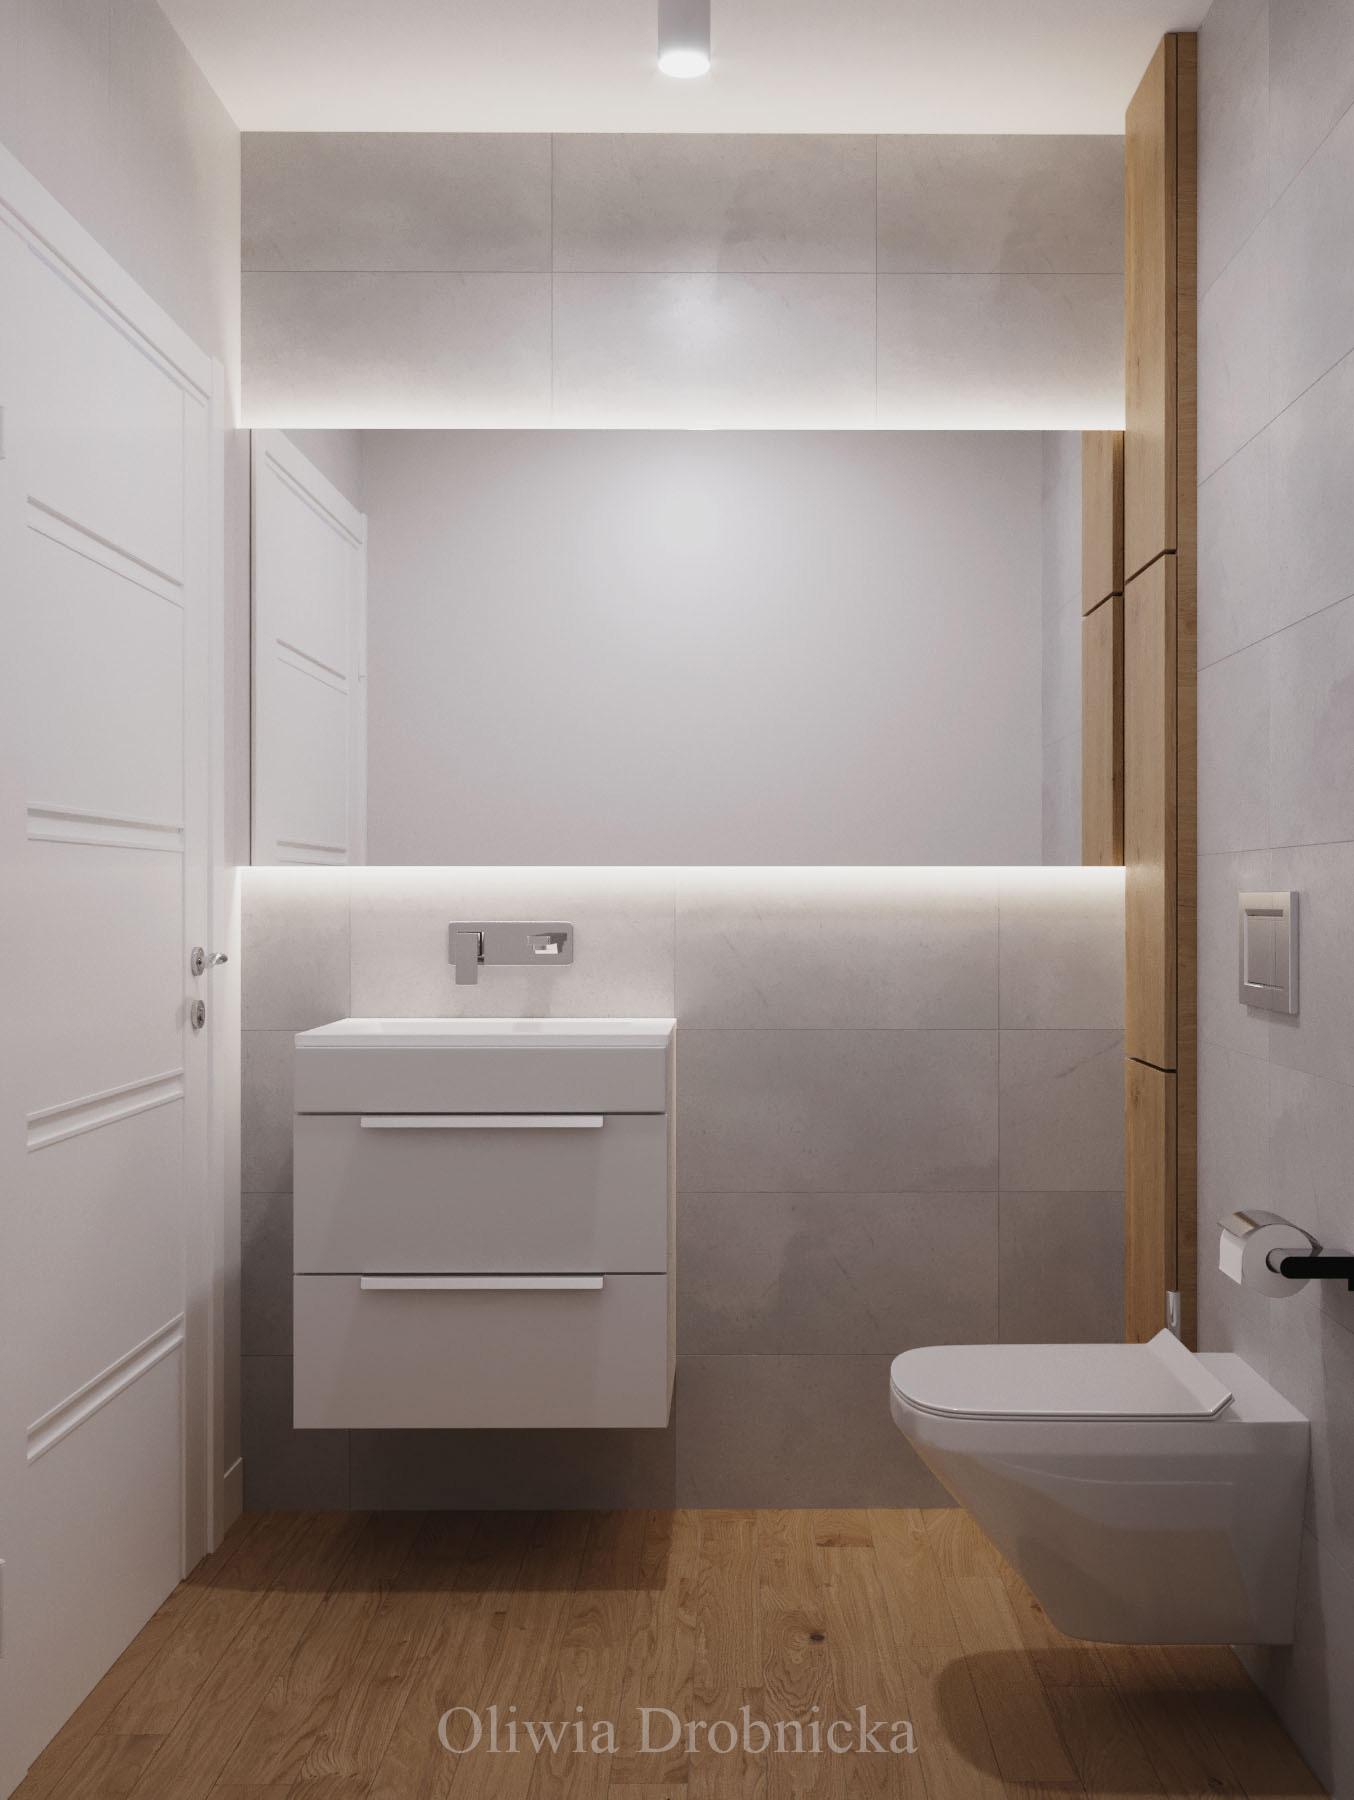 Ładna toaleta